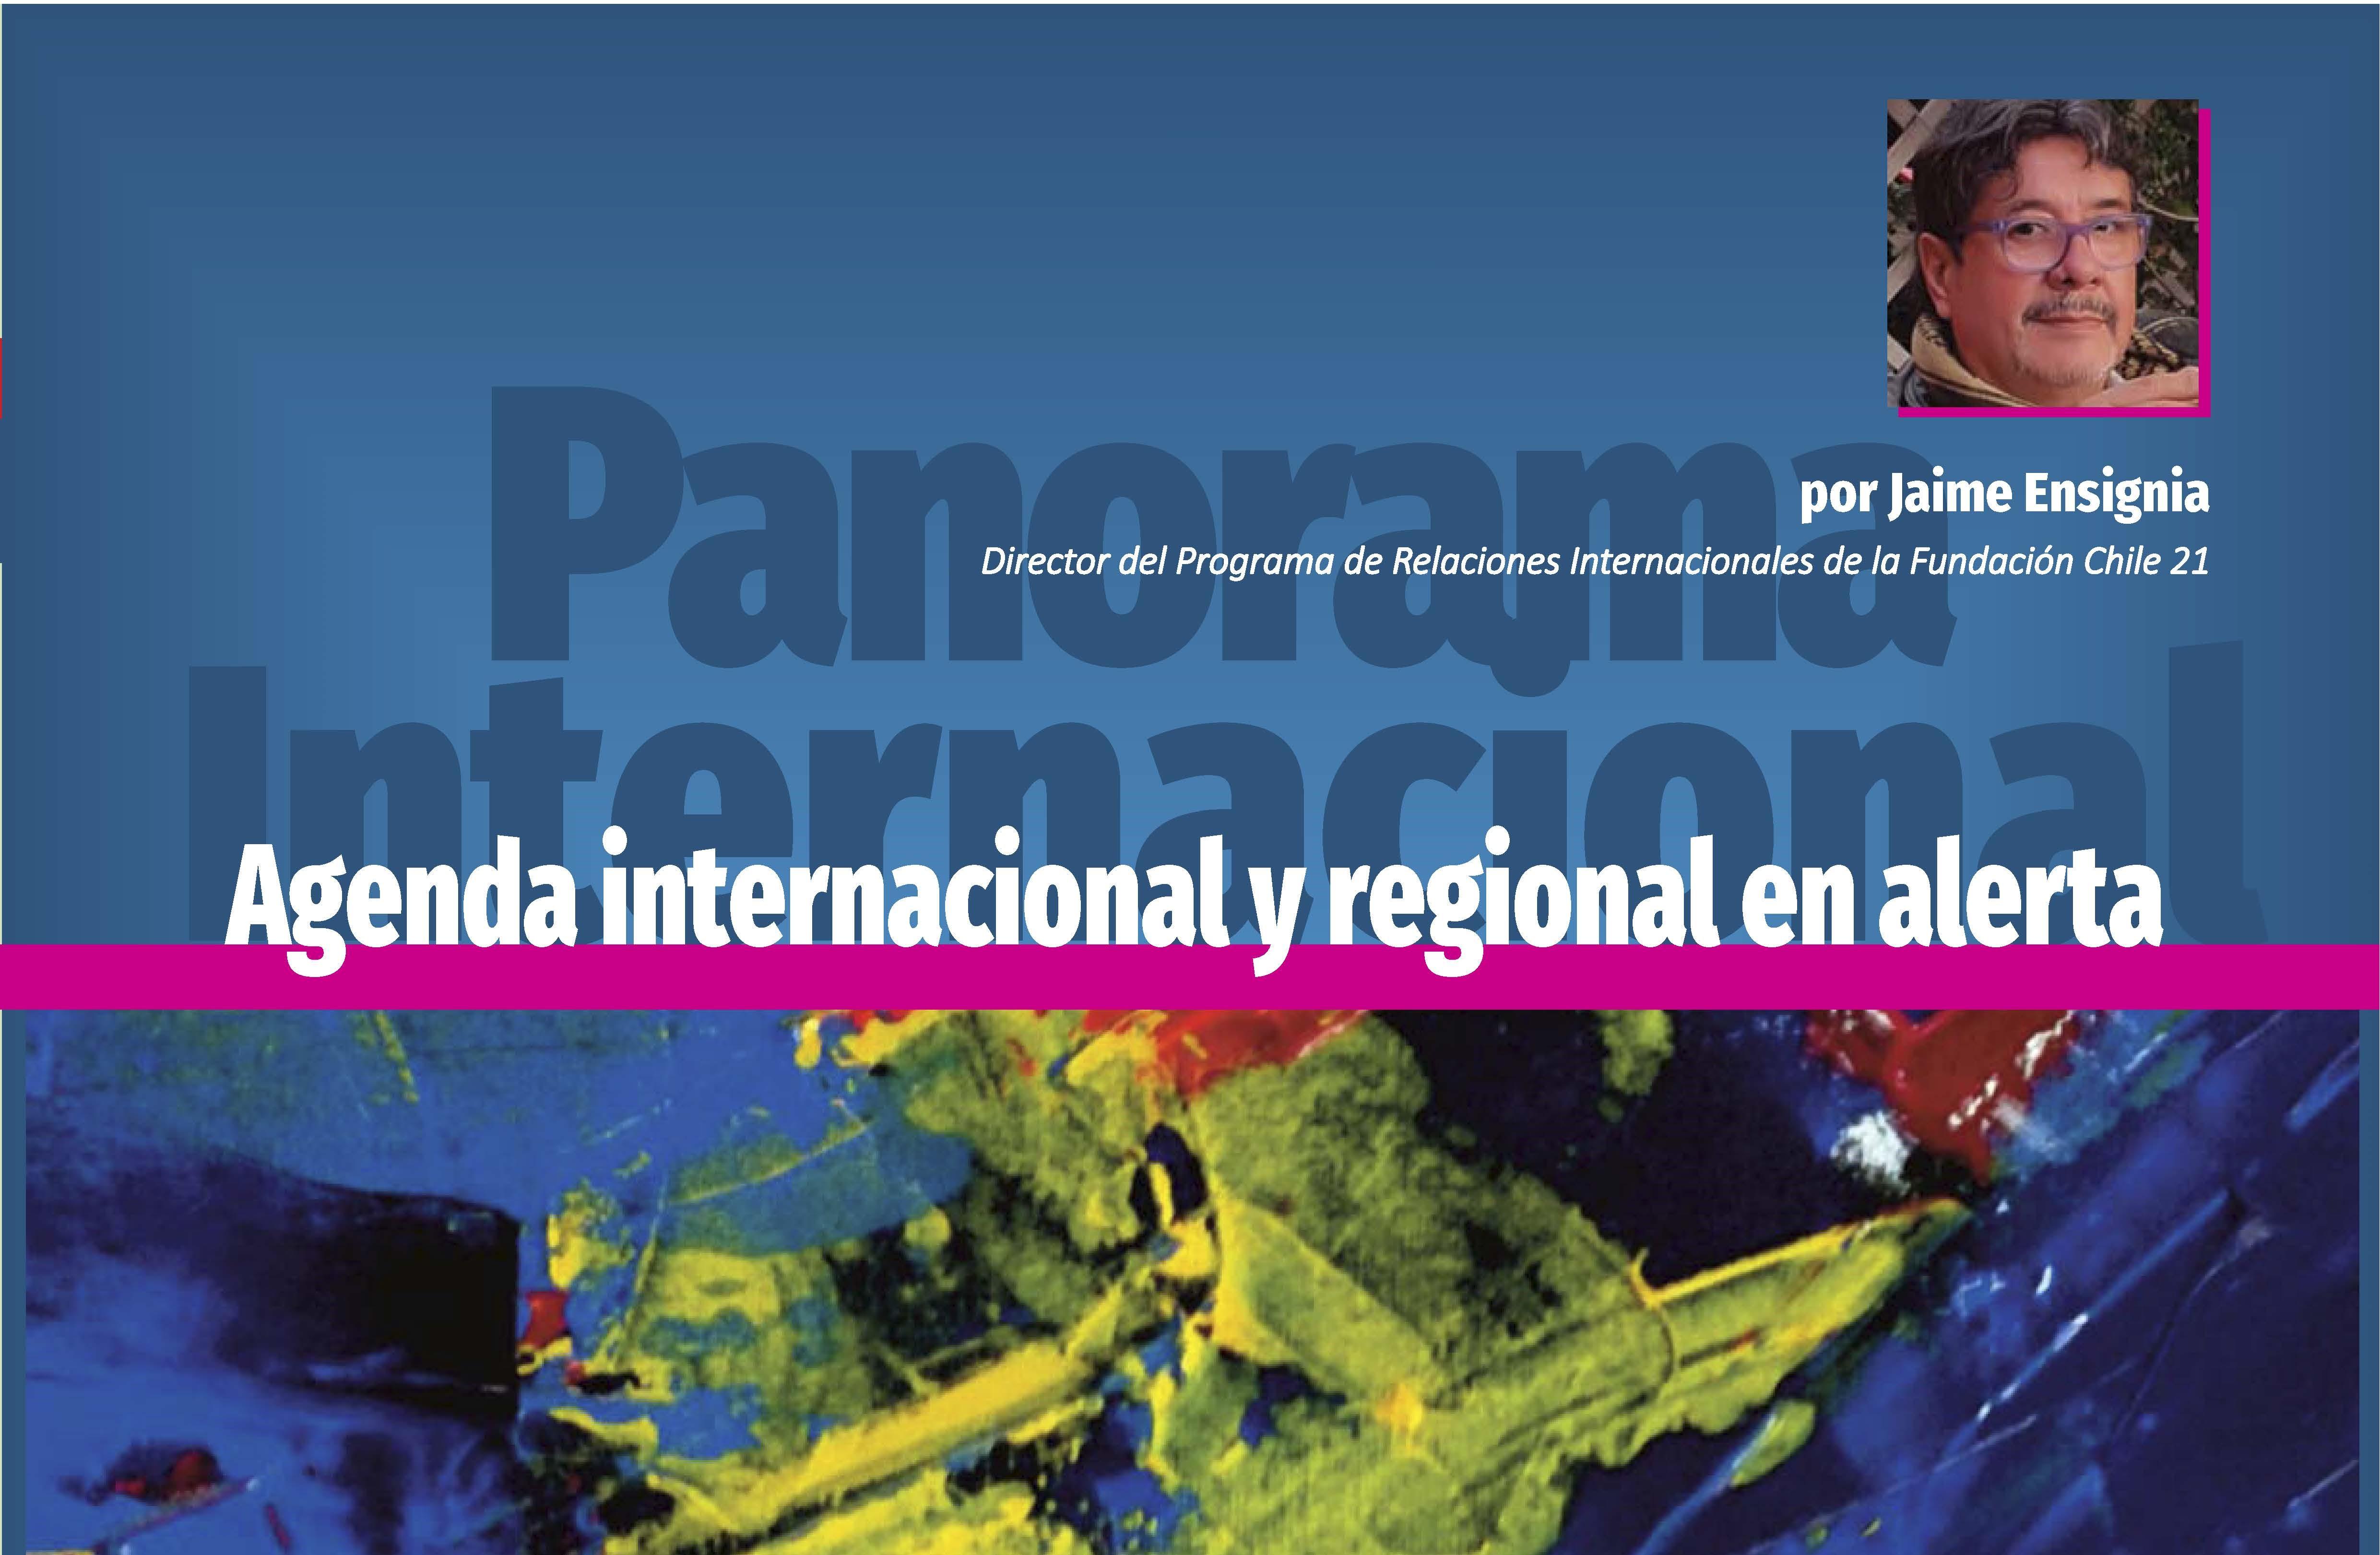 Agenda nacional e internacional en alerta